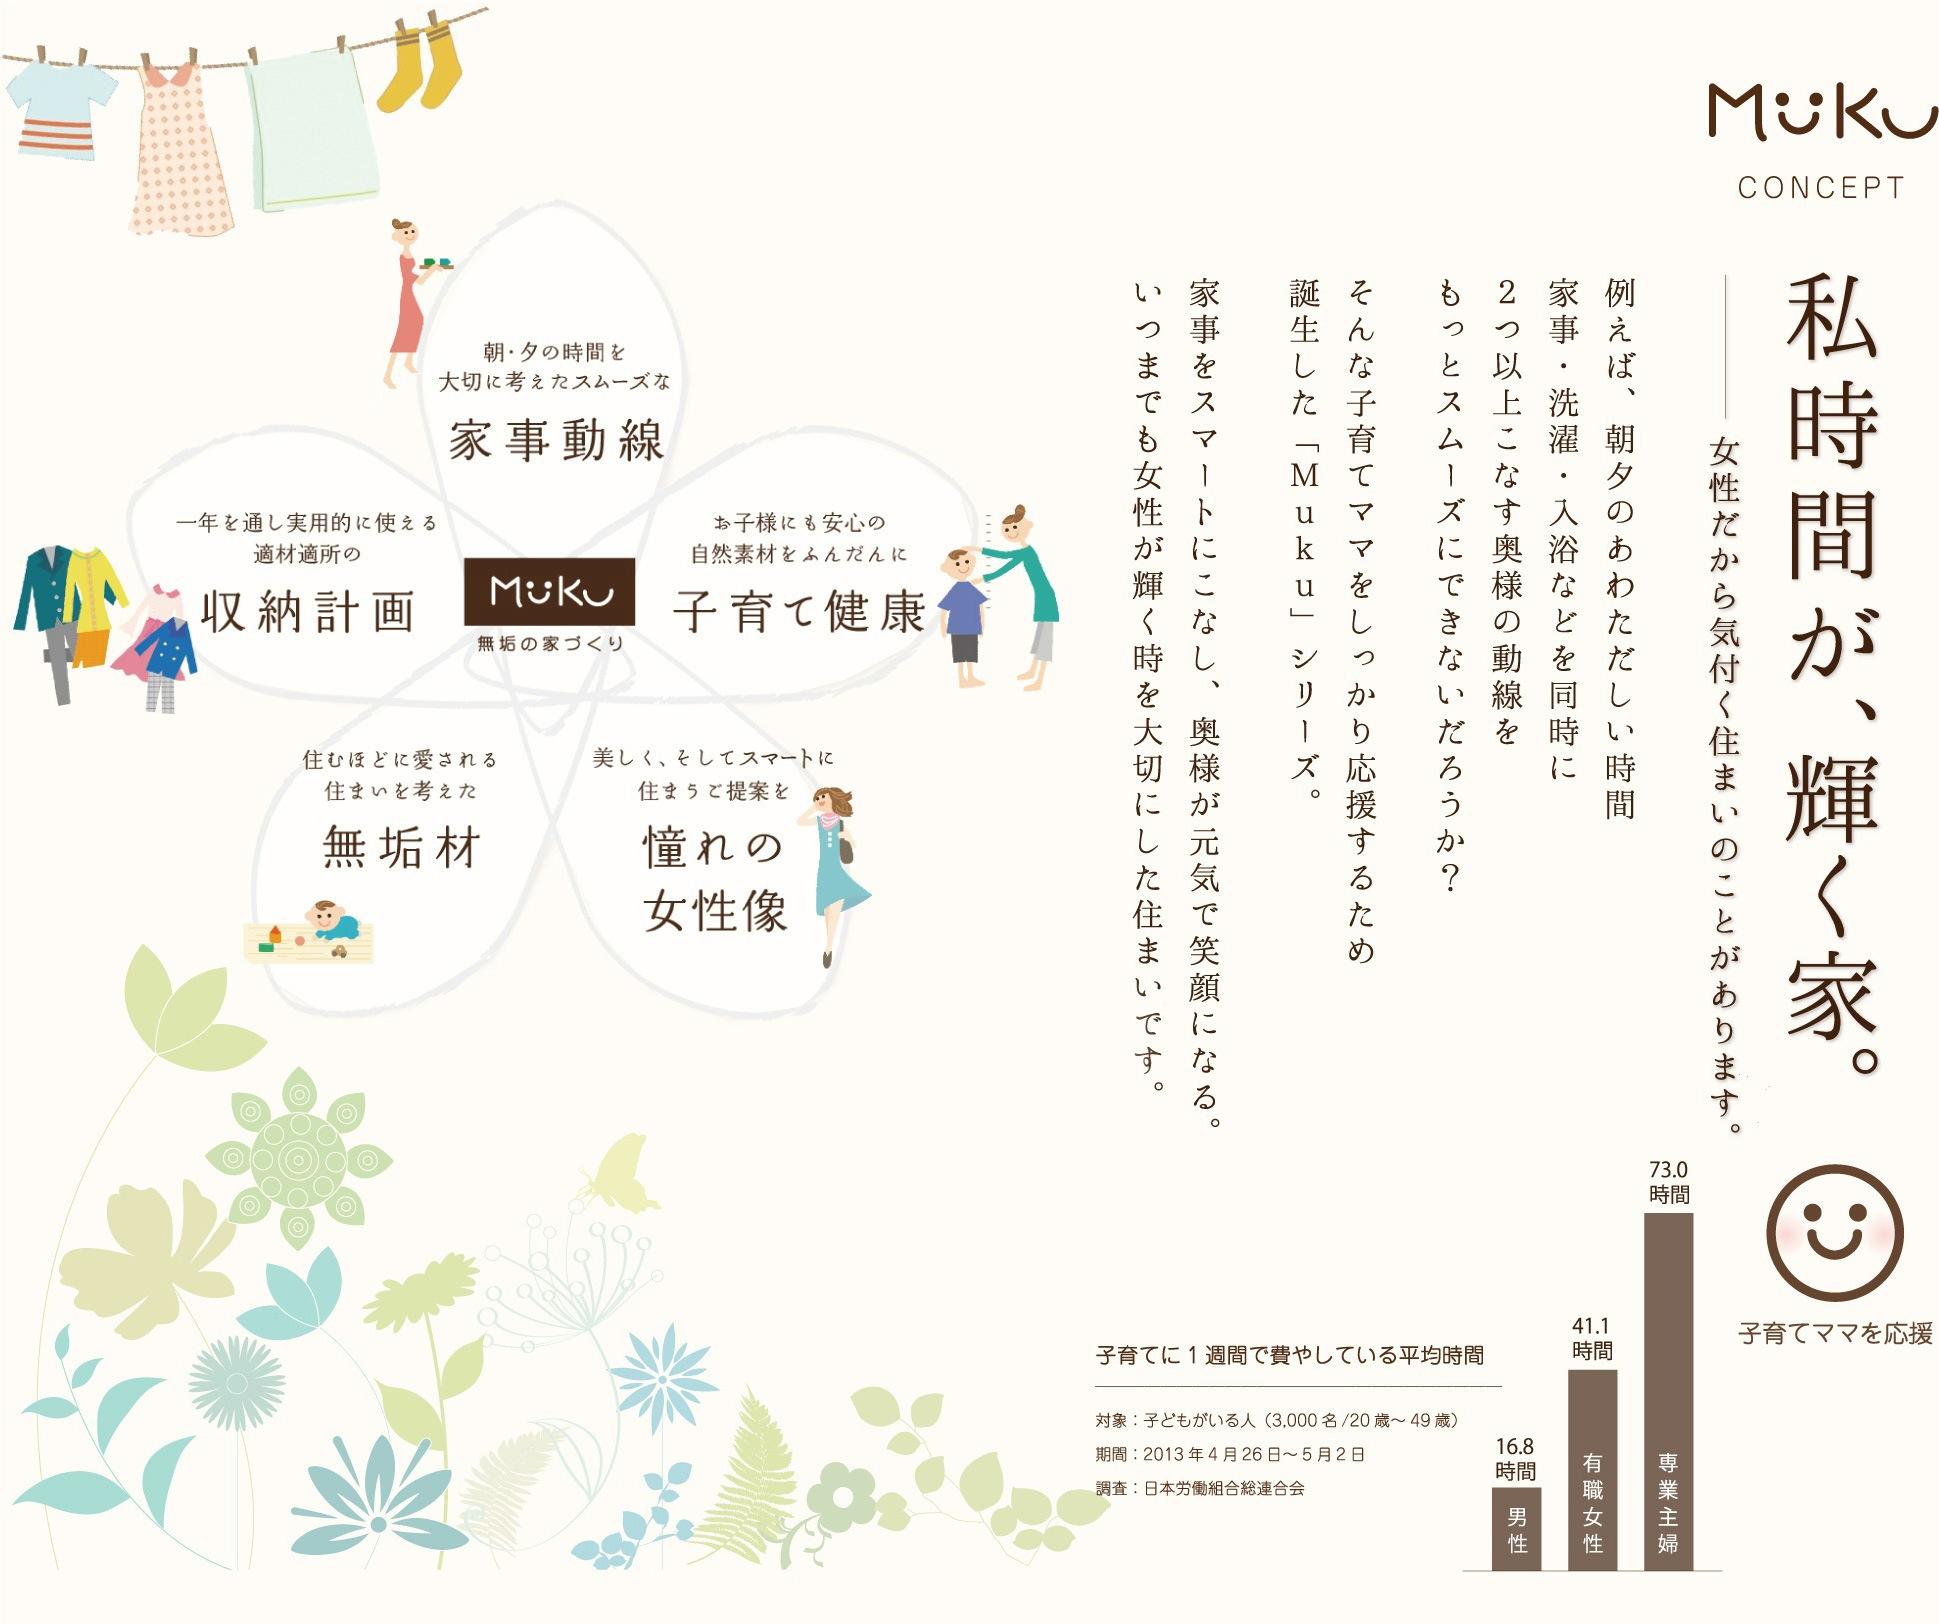 Mukuコンセプト1